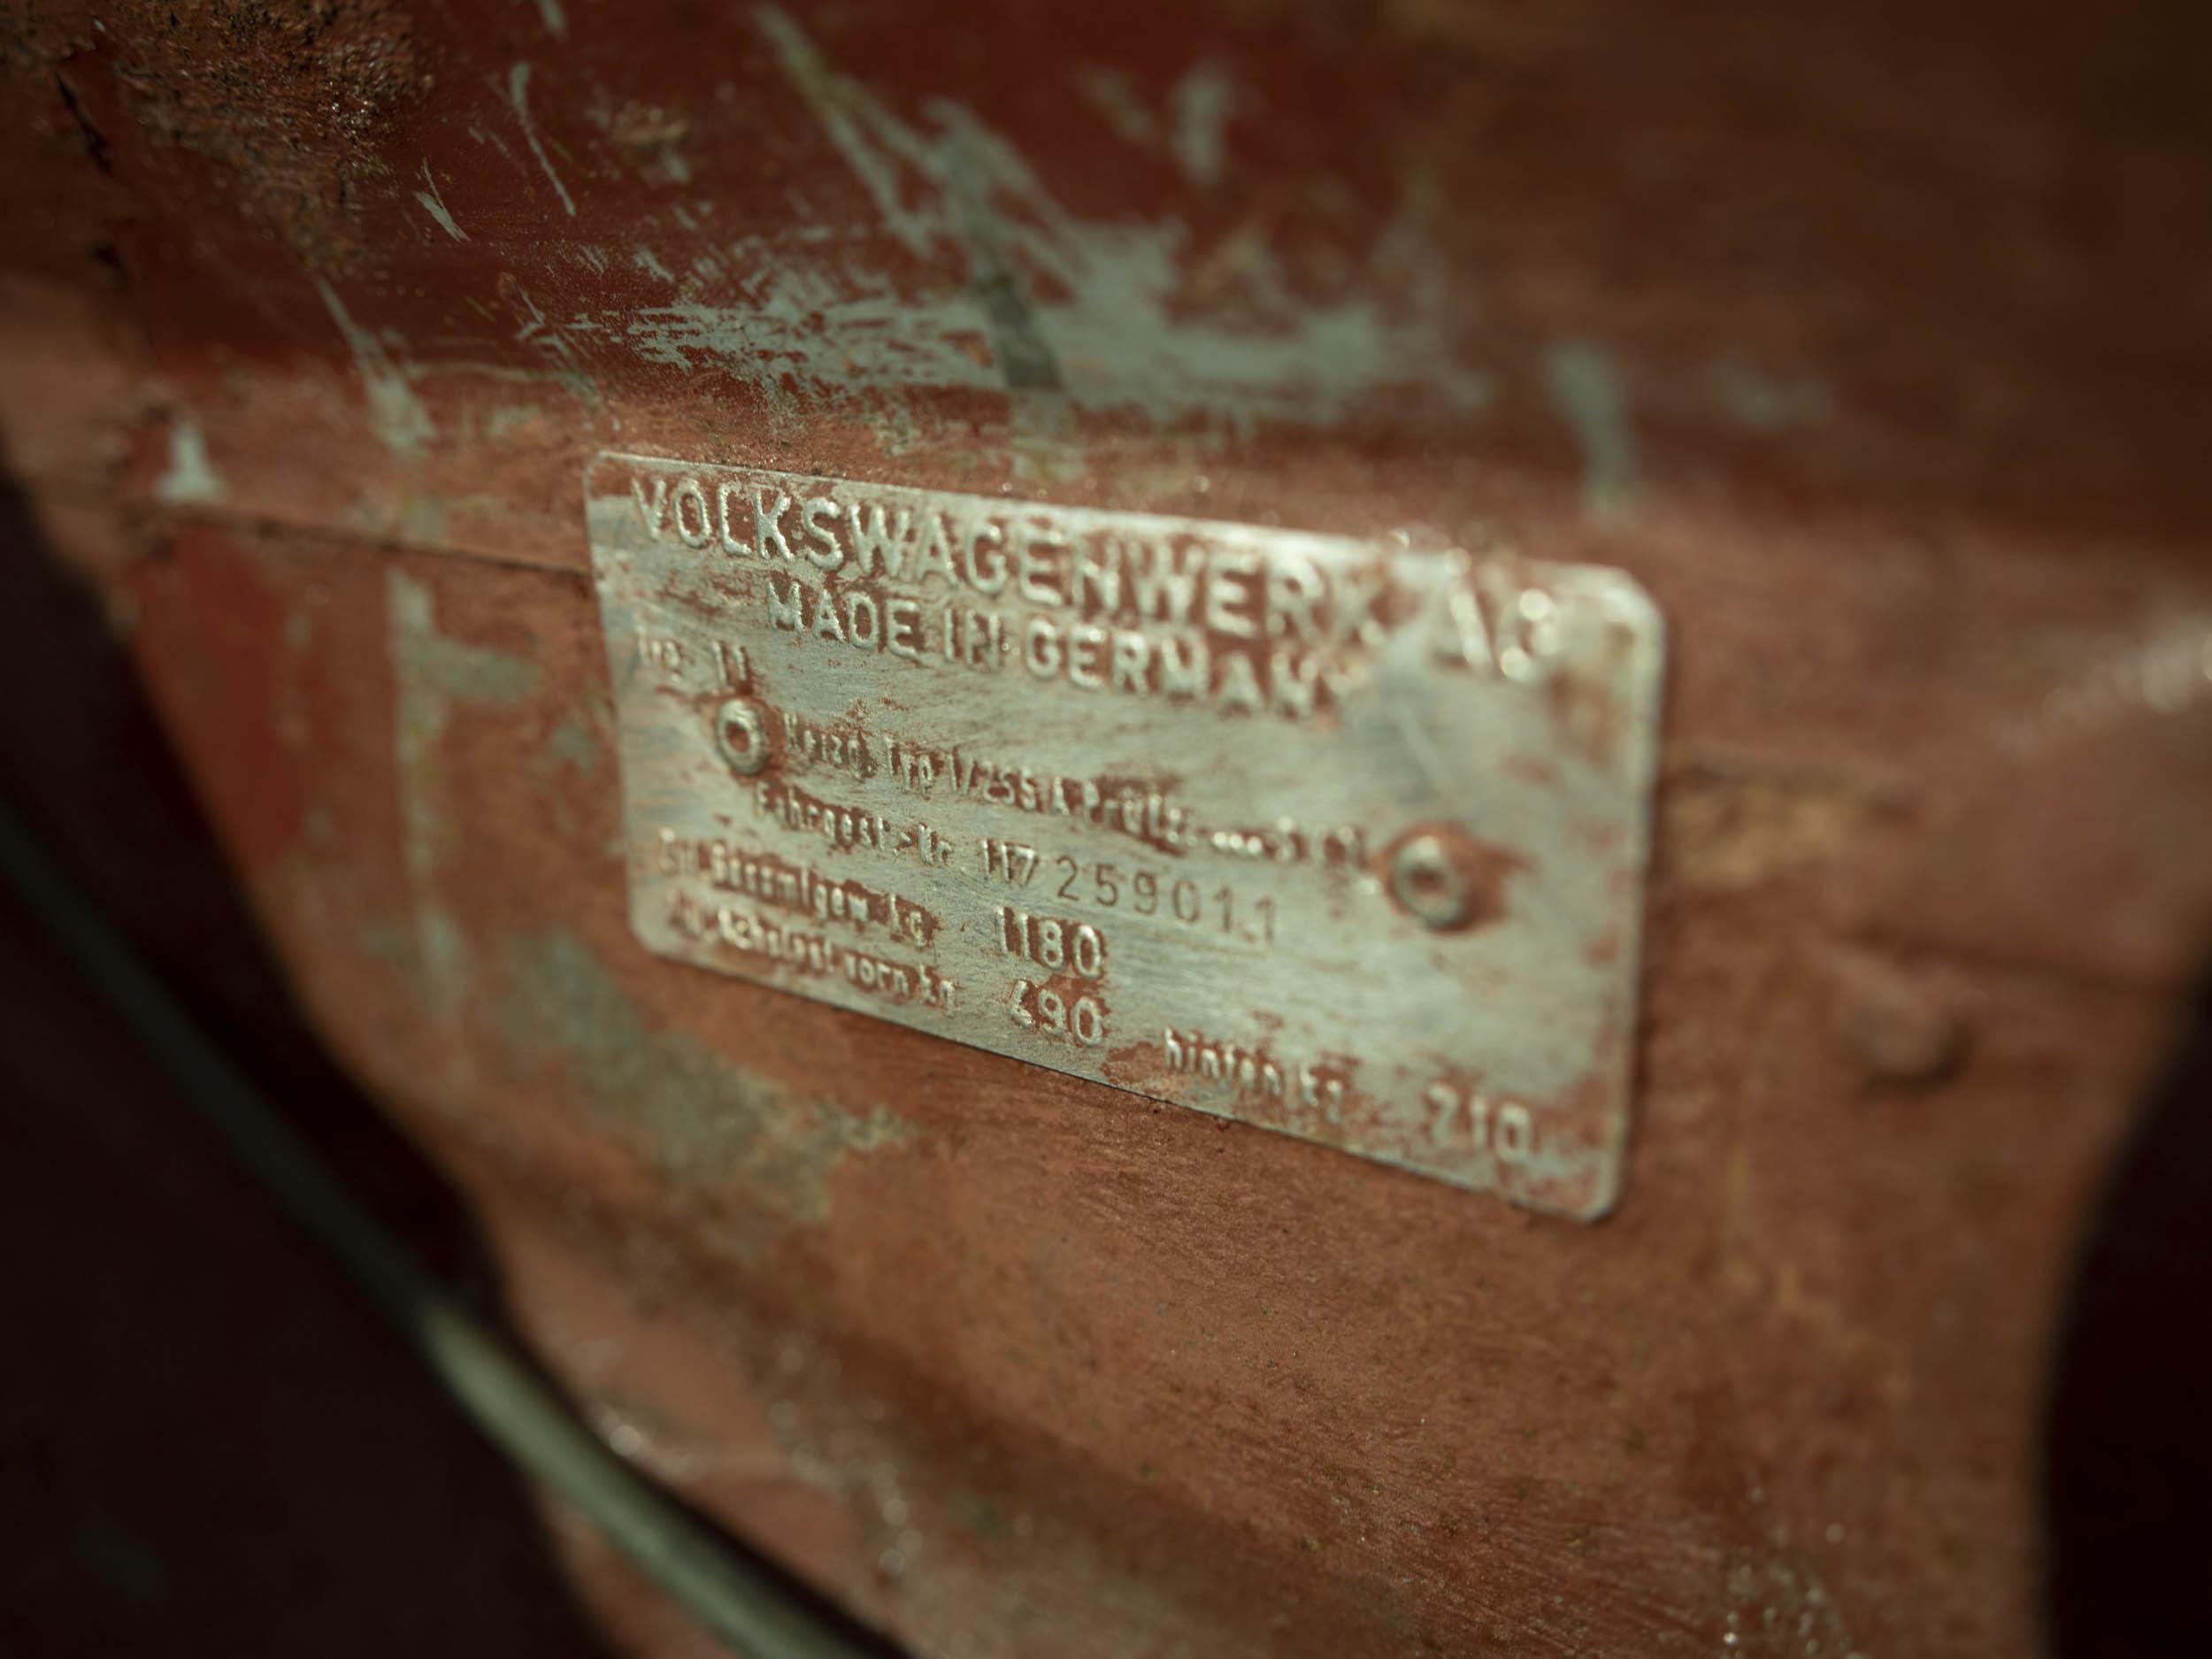 1967 Volkswagen Beetle vin plate